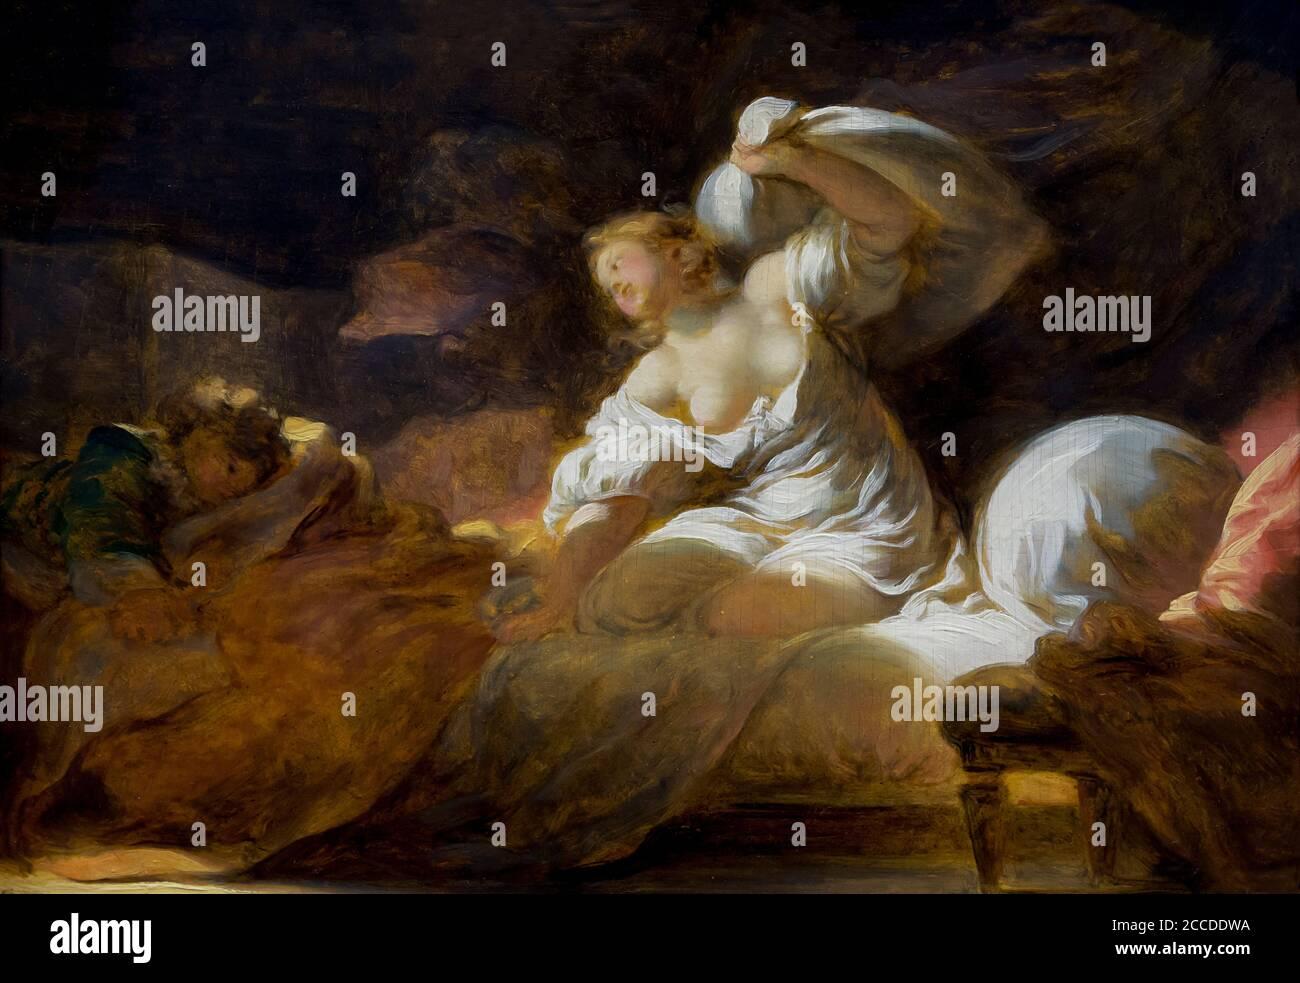 La resistencia inútil, Jean Honore Fragonard, alrededor de 1770, los Museos de Bellas Artes de San Francisco, San Francisco, California, EE.UU., América del Norte Foto de stock